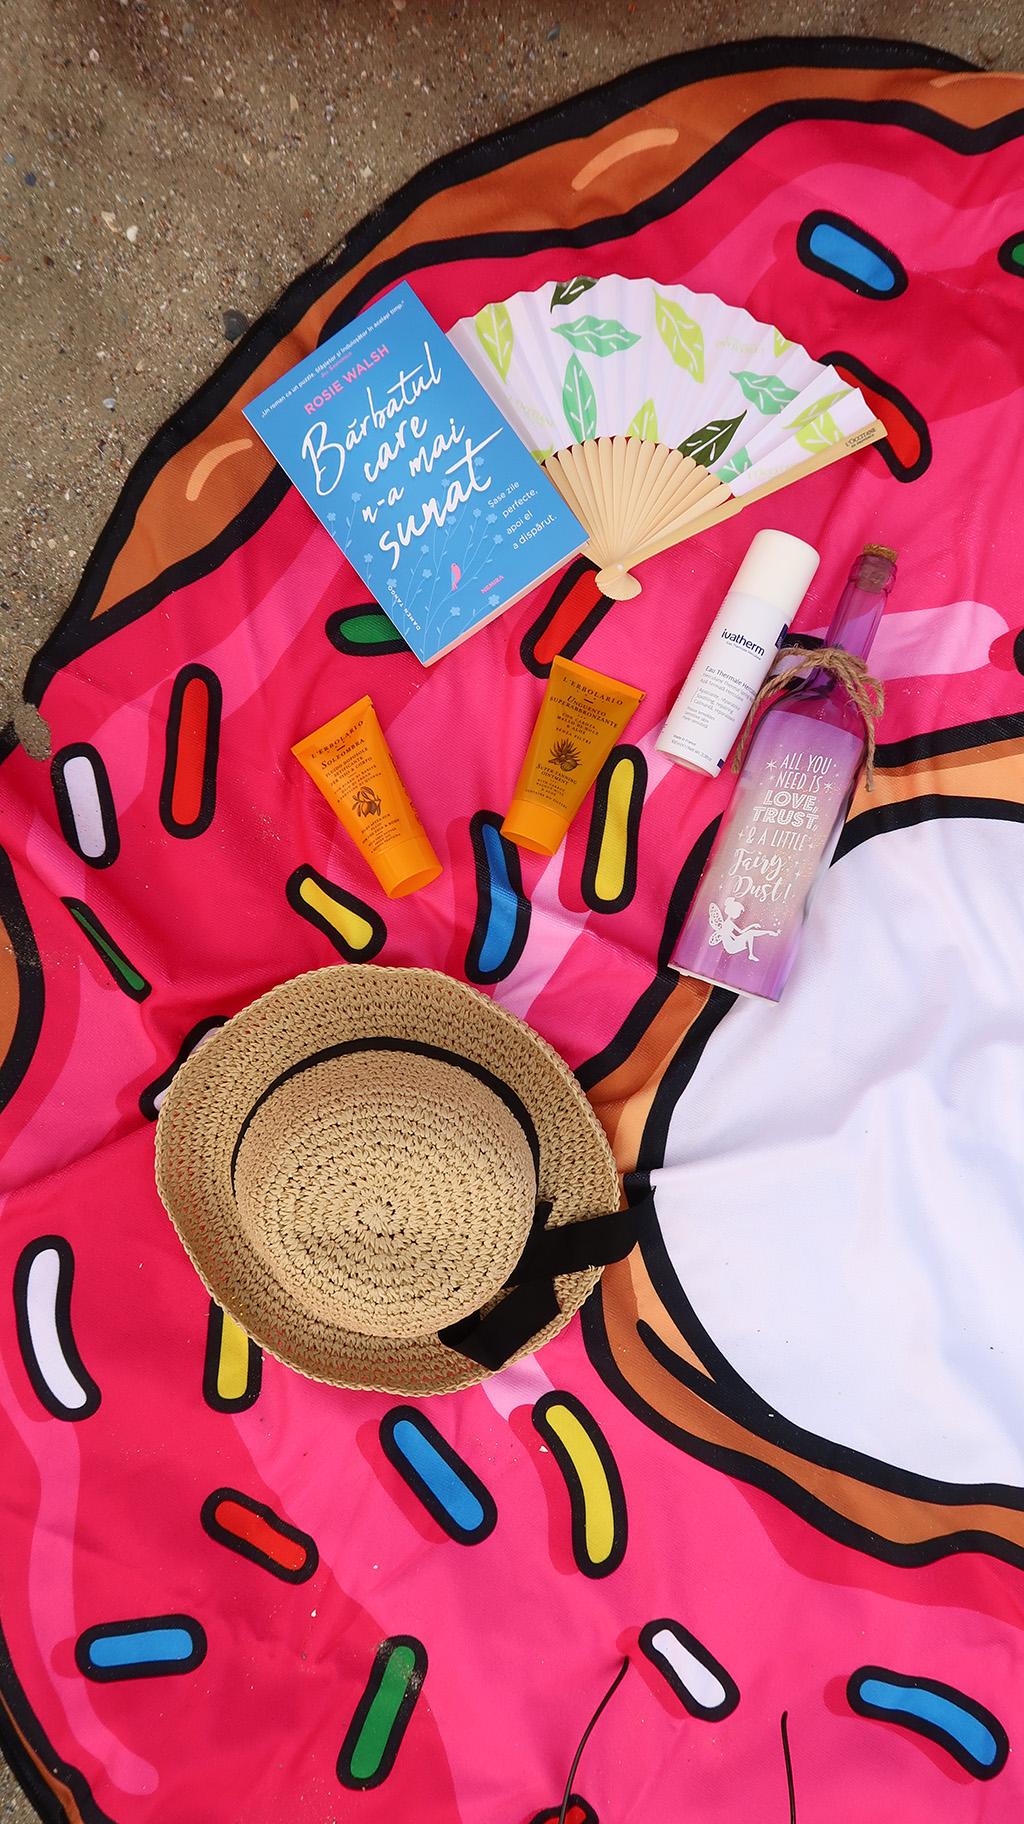 esentiale plaja colac flamingo patura amuzanta ochelari carte costum baie